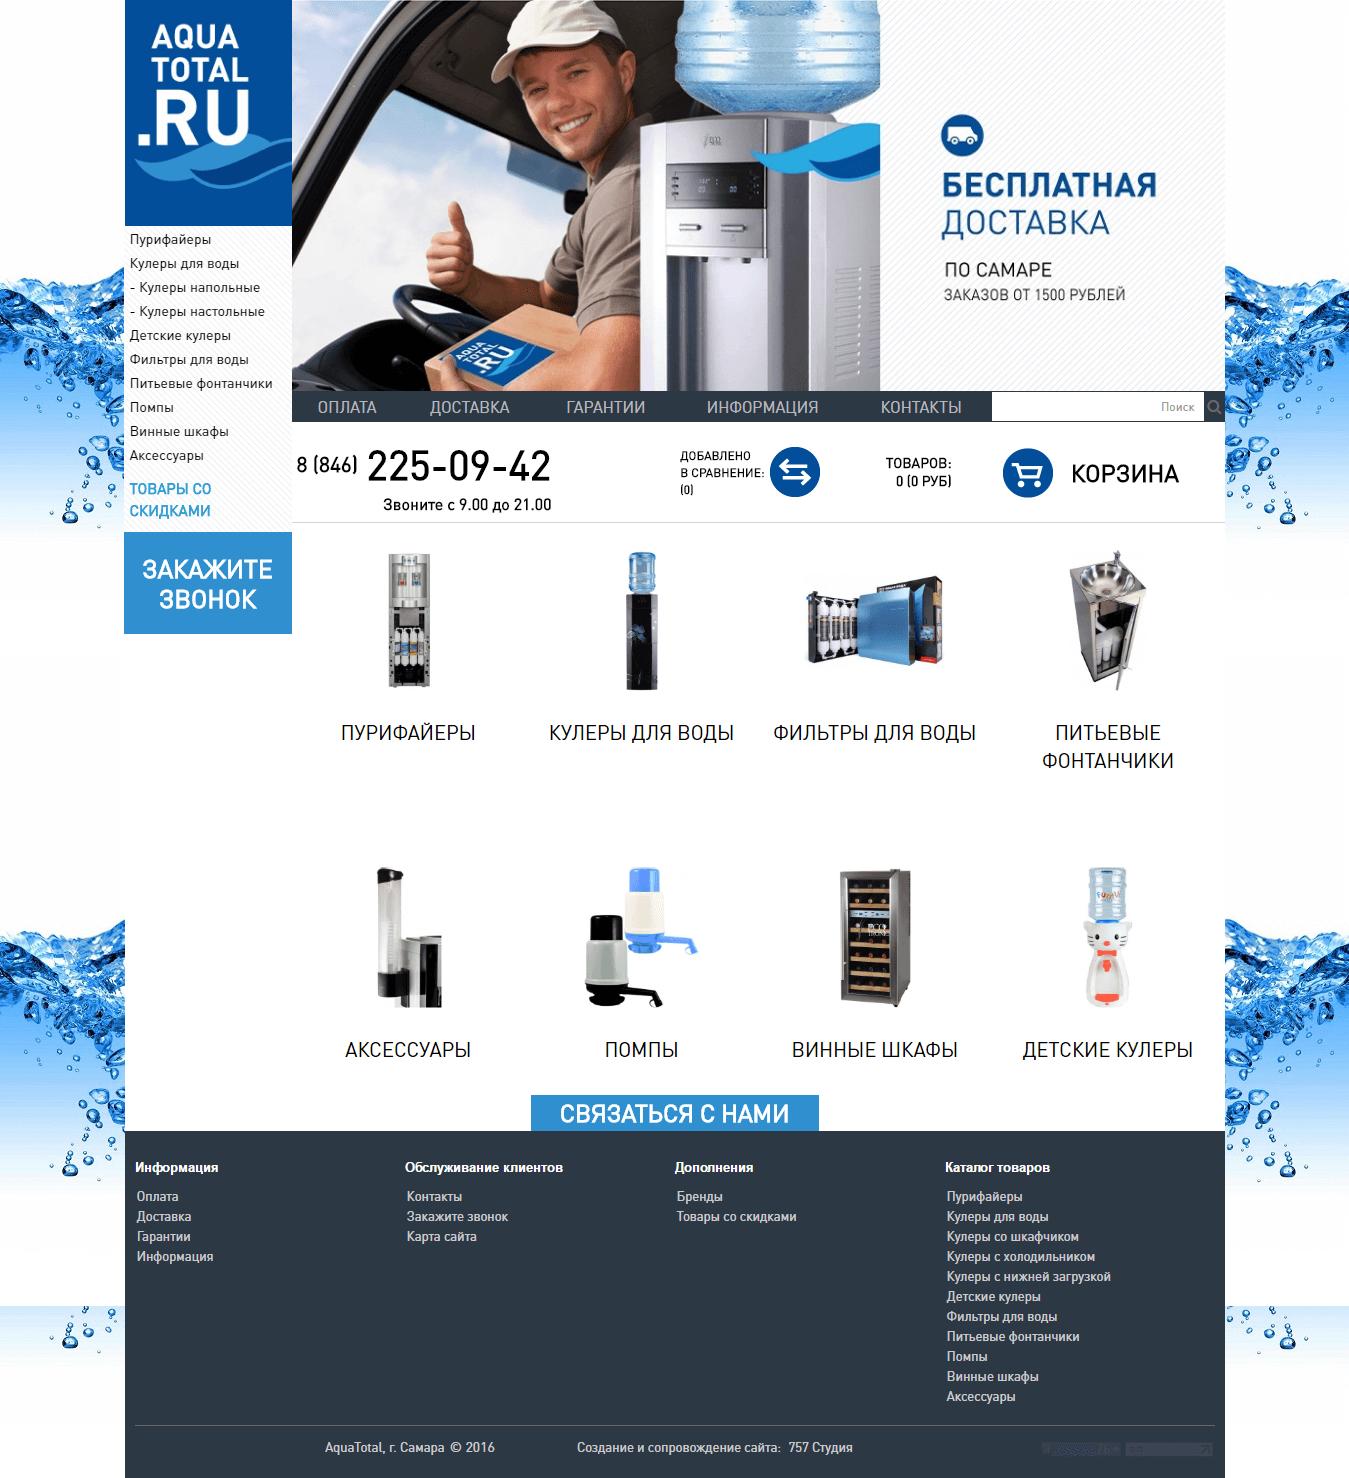 757studio.ru-AquaTotal.ru - Купить кулер для воды в Самаре